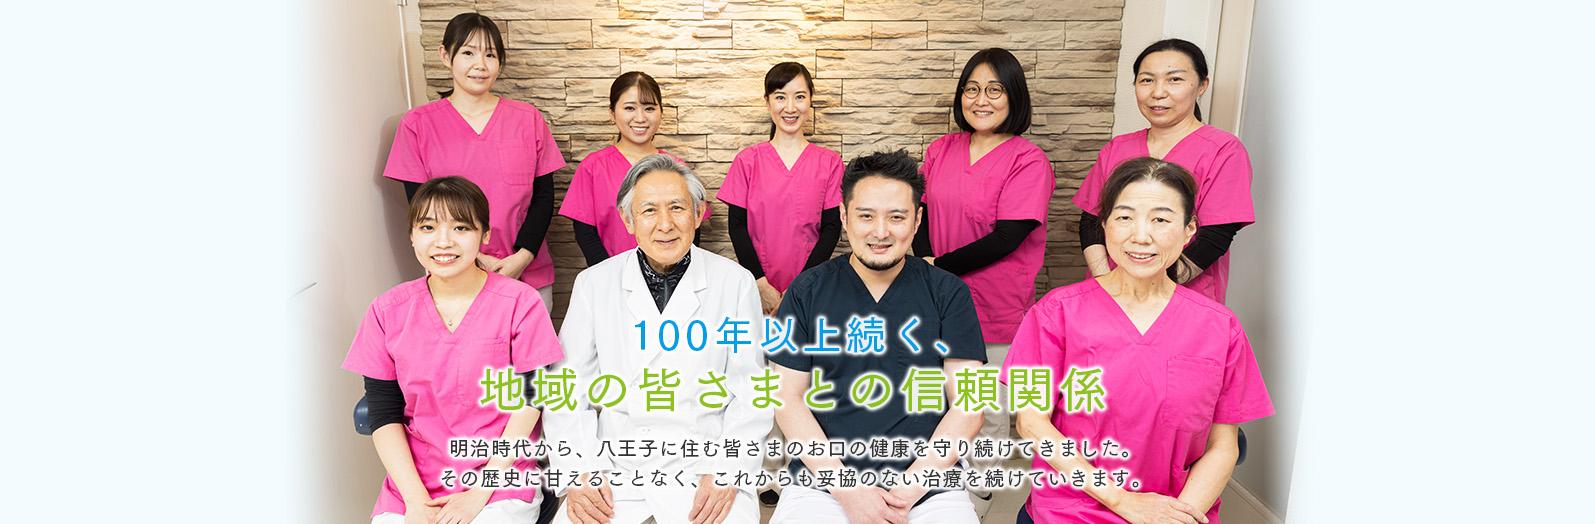 八王子の歯医者「小松歯科医院」